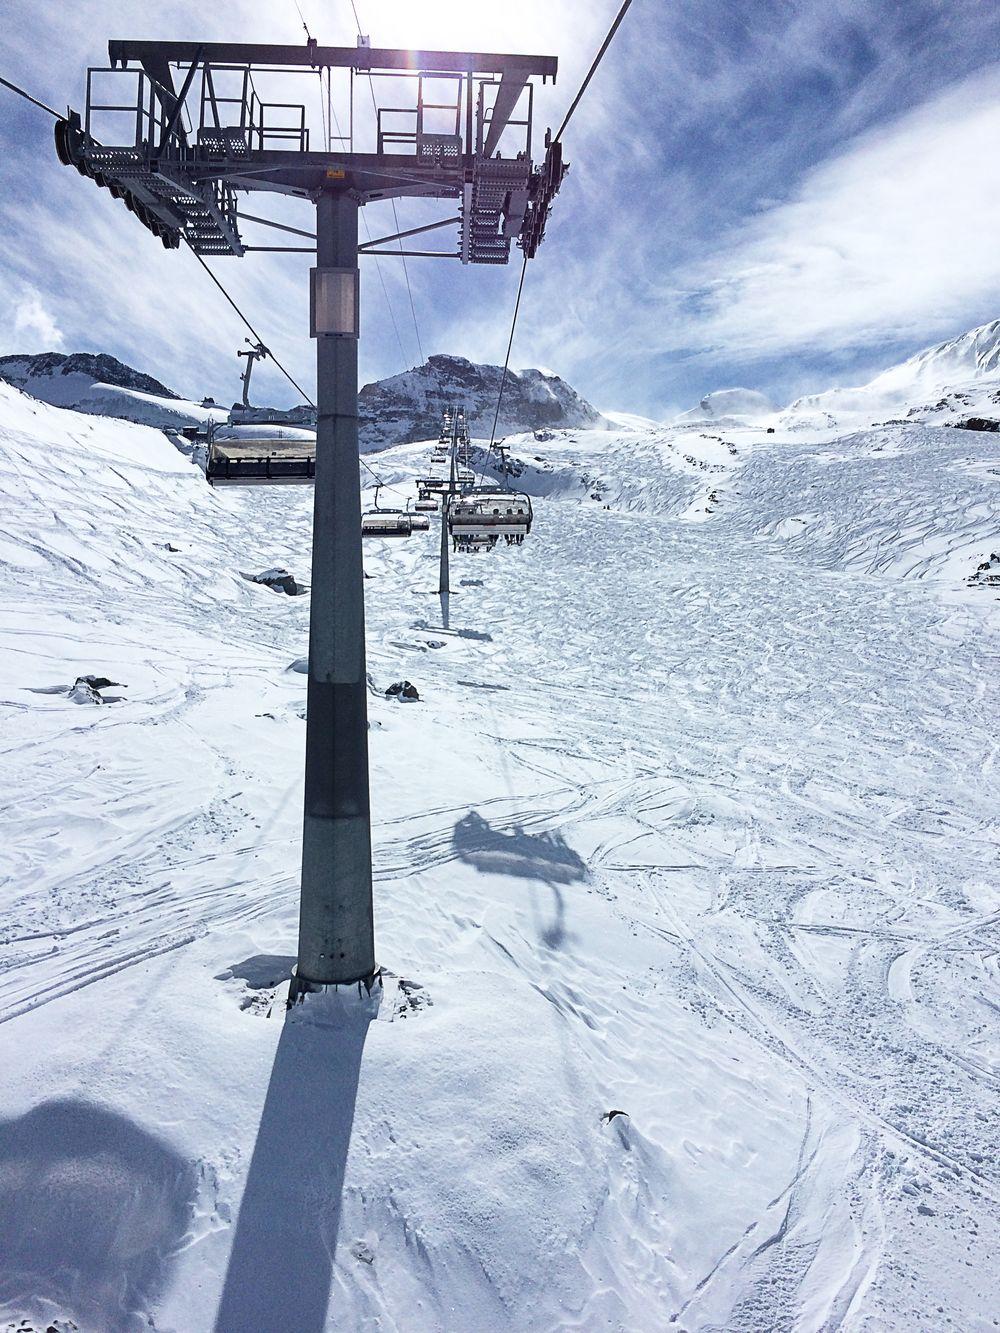 Kurort narciarski w Saas-Fee | Polenka.pl